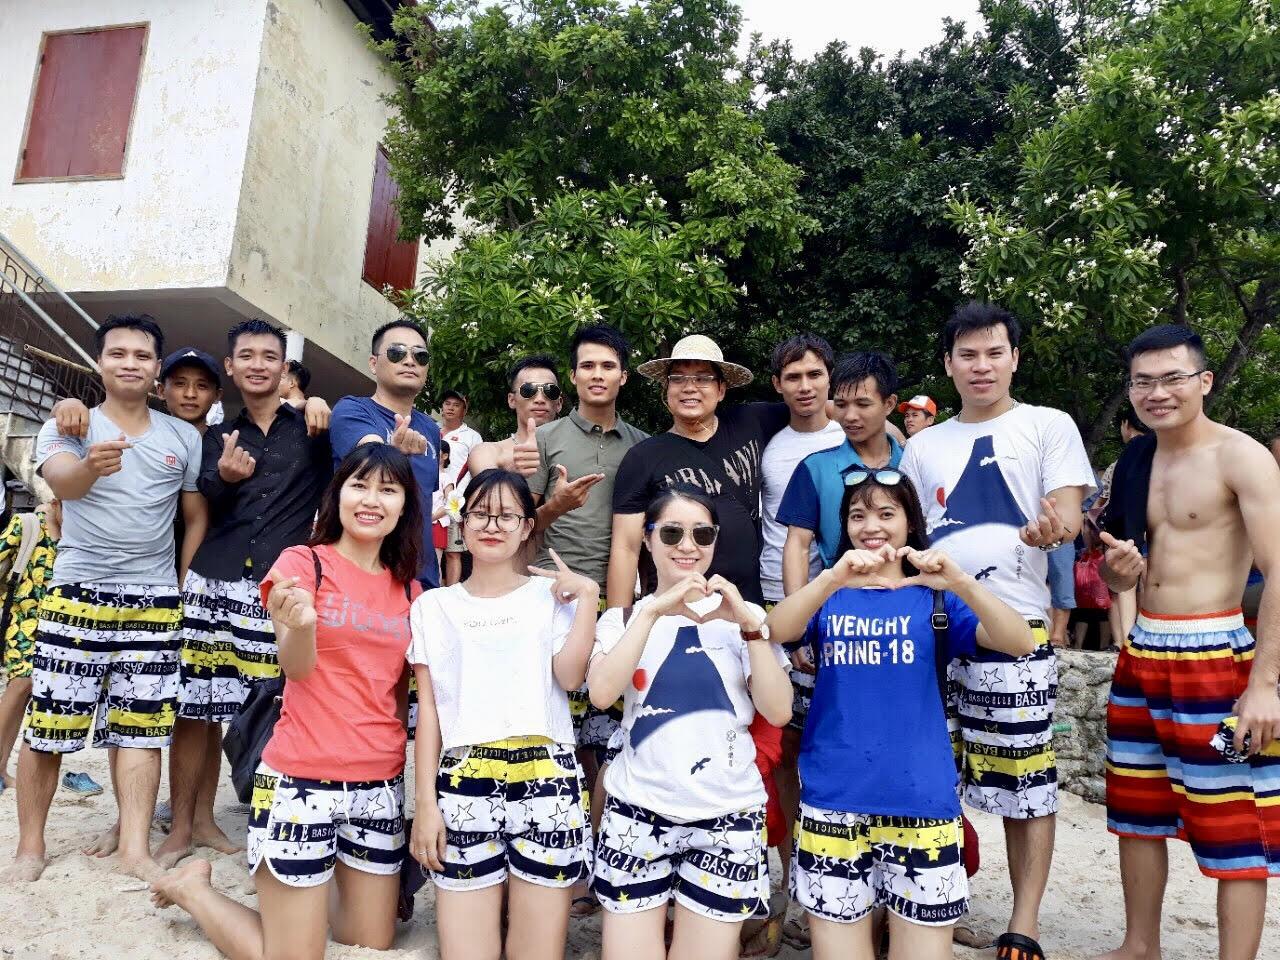 Du lịch 2018 - CBNV nghỉ mát tại hòn đảo xinh đẹp Cát Bà